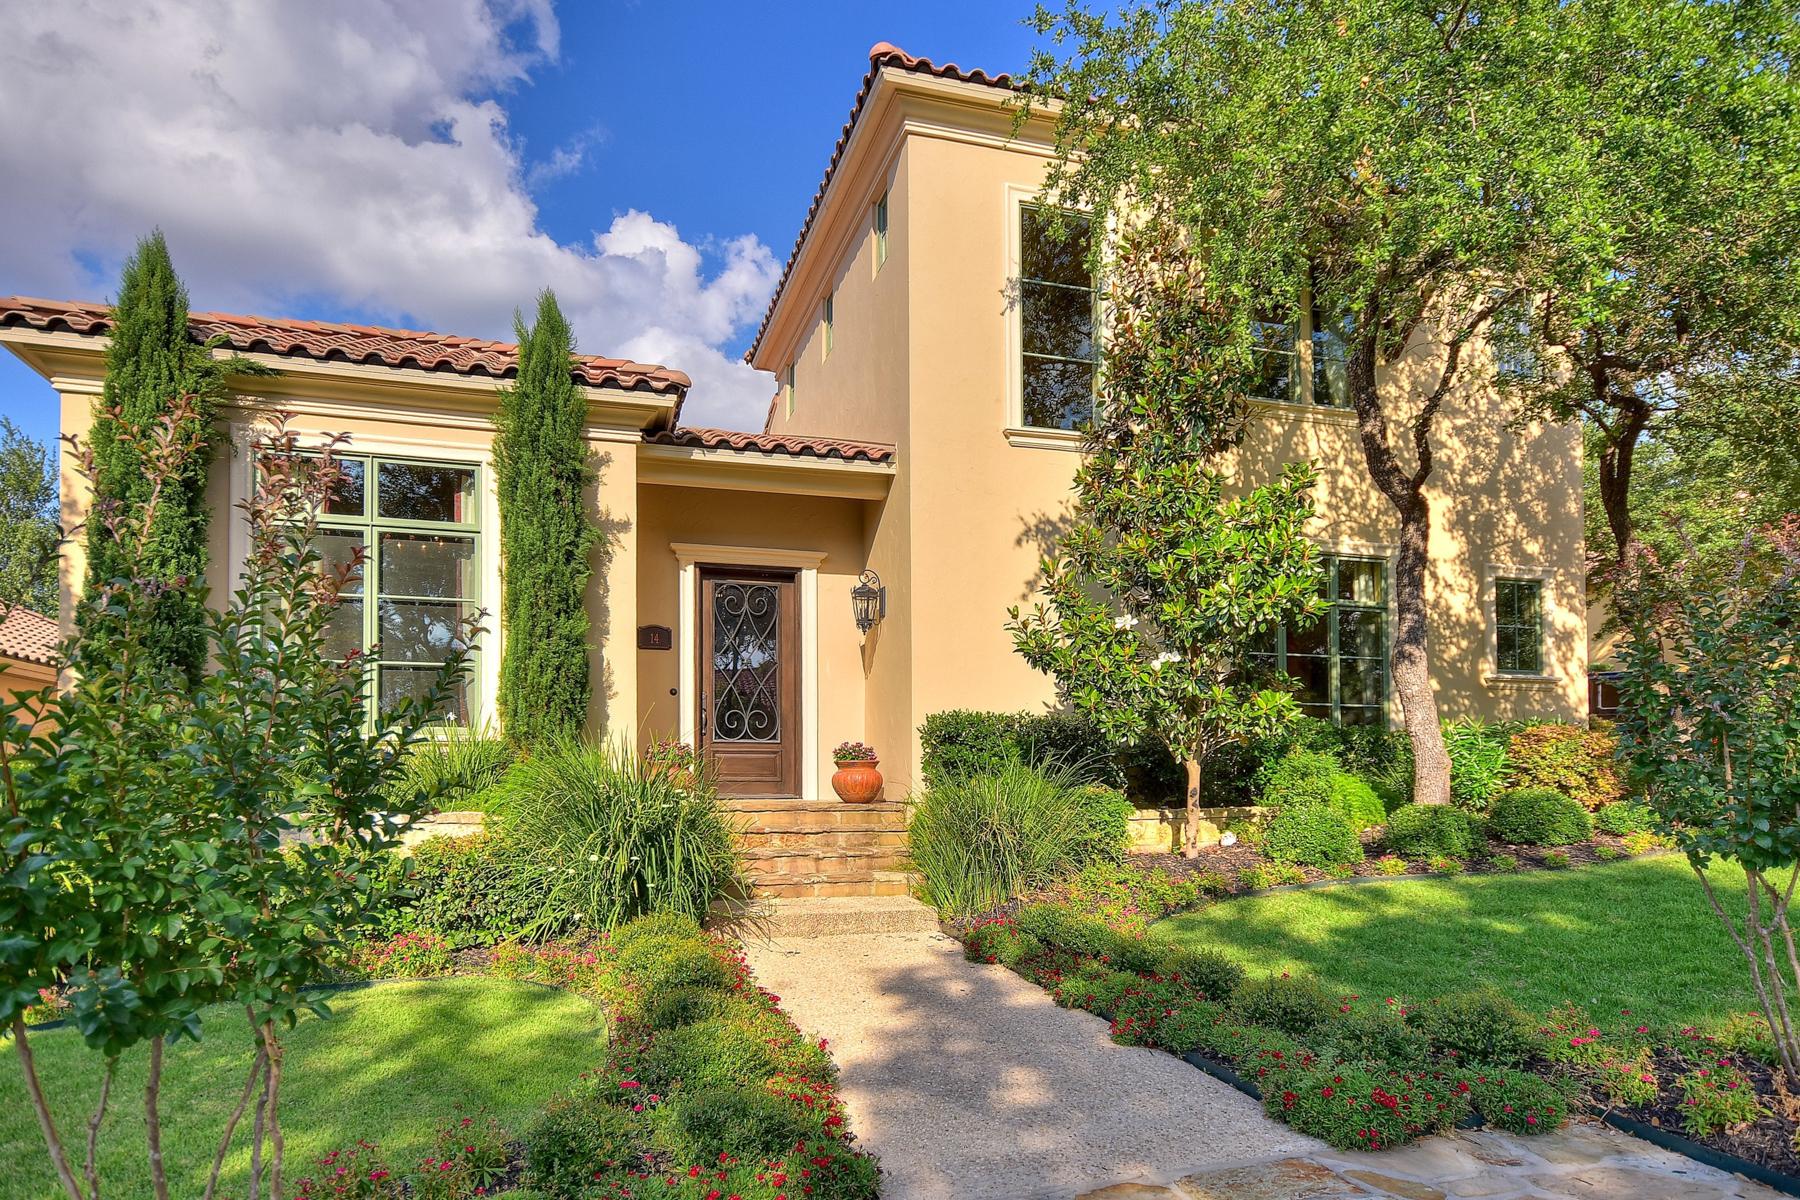 Maison unifamiliale pour l Vente à Impeccable Gem in The Dominion 14 Venice Ct The Dominion, San Antonio, Texas, 78257 États-Unis